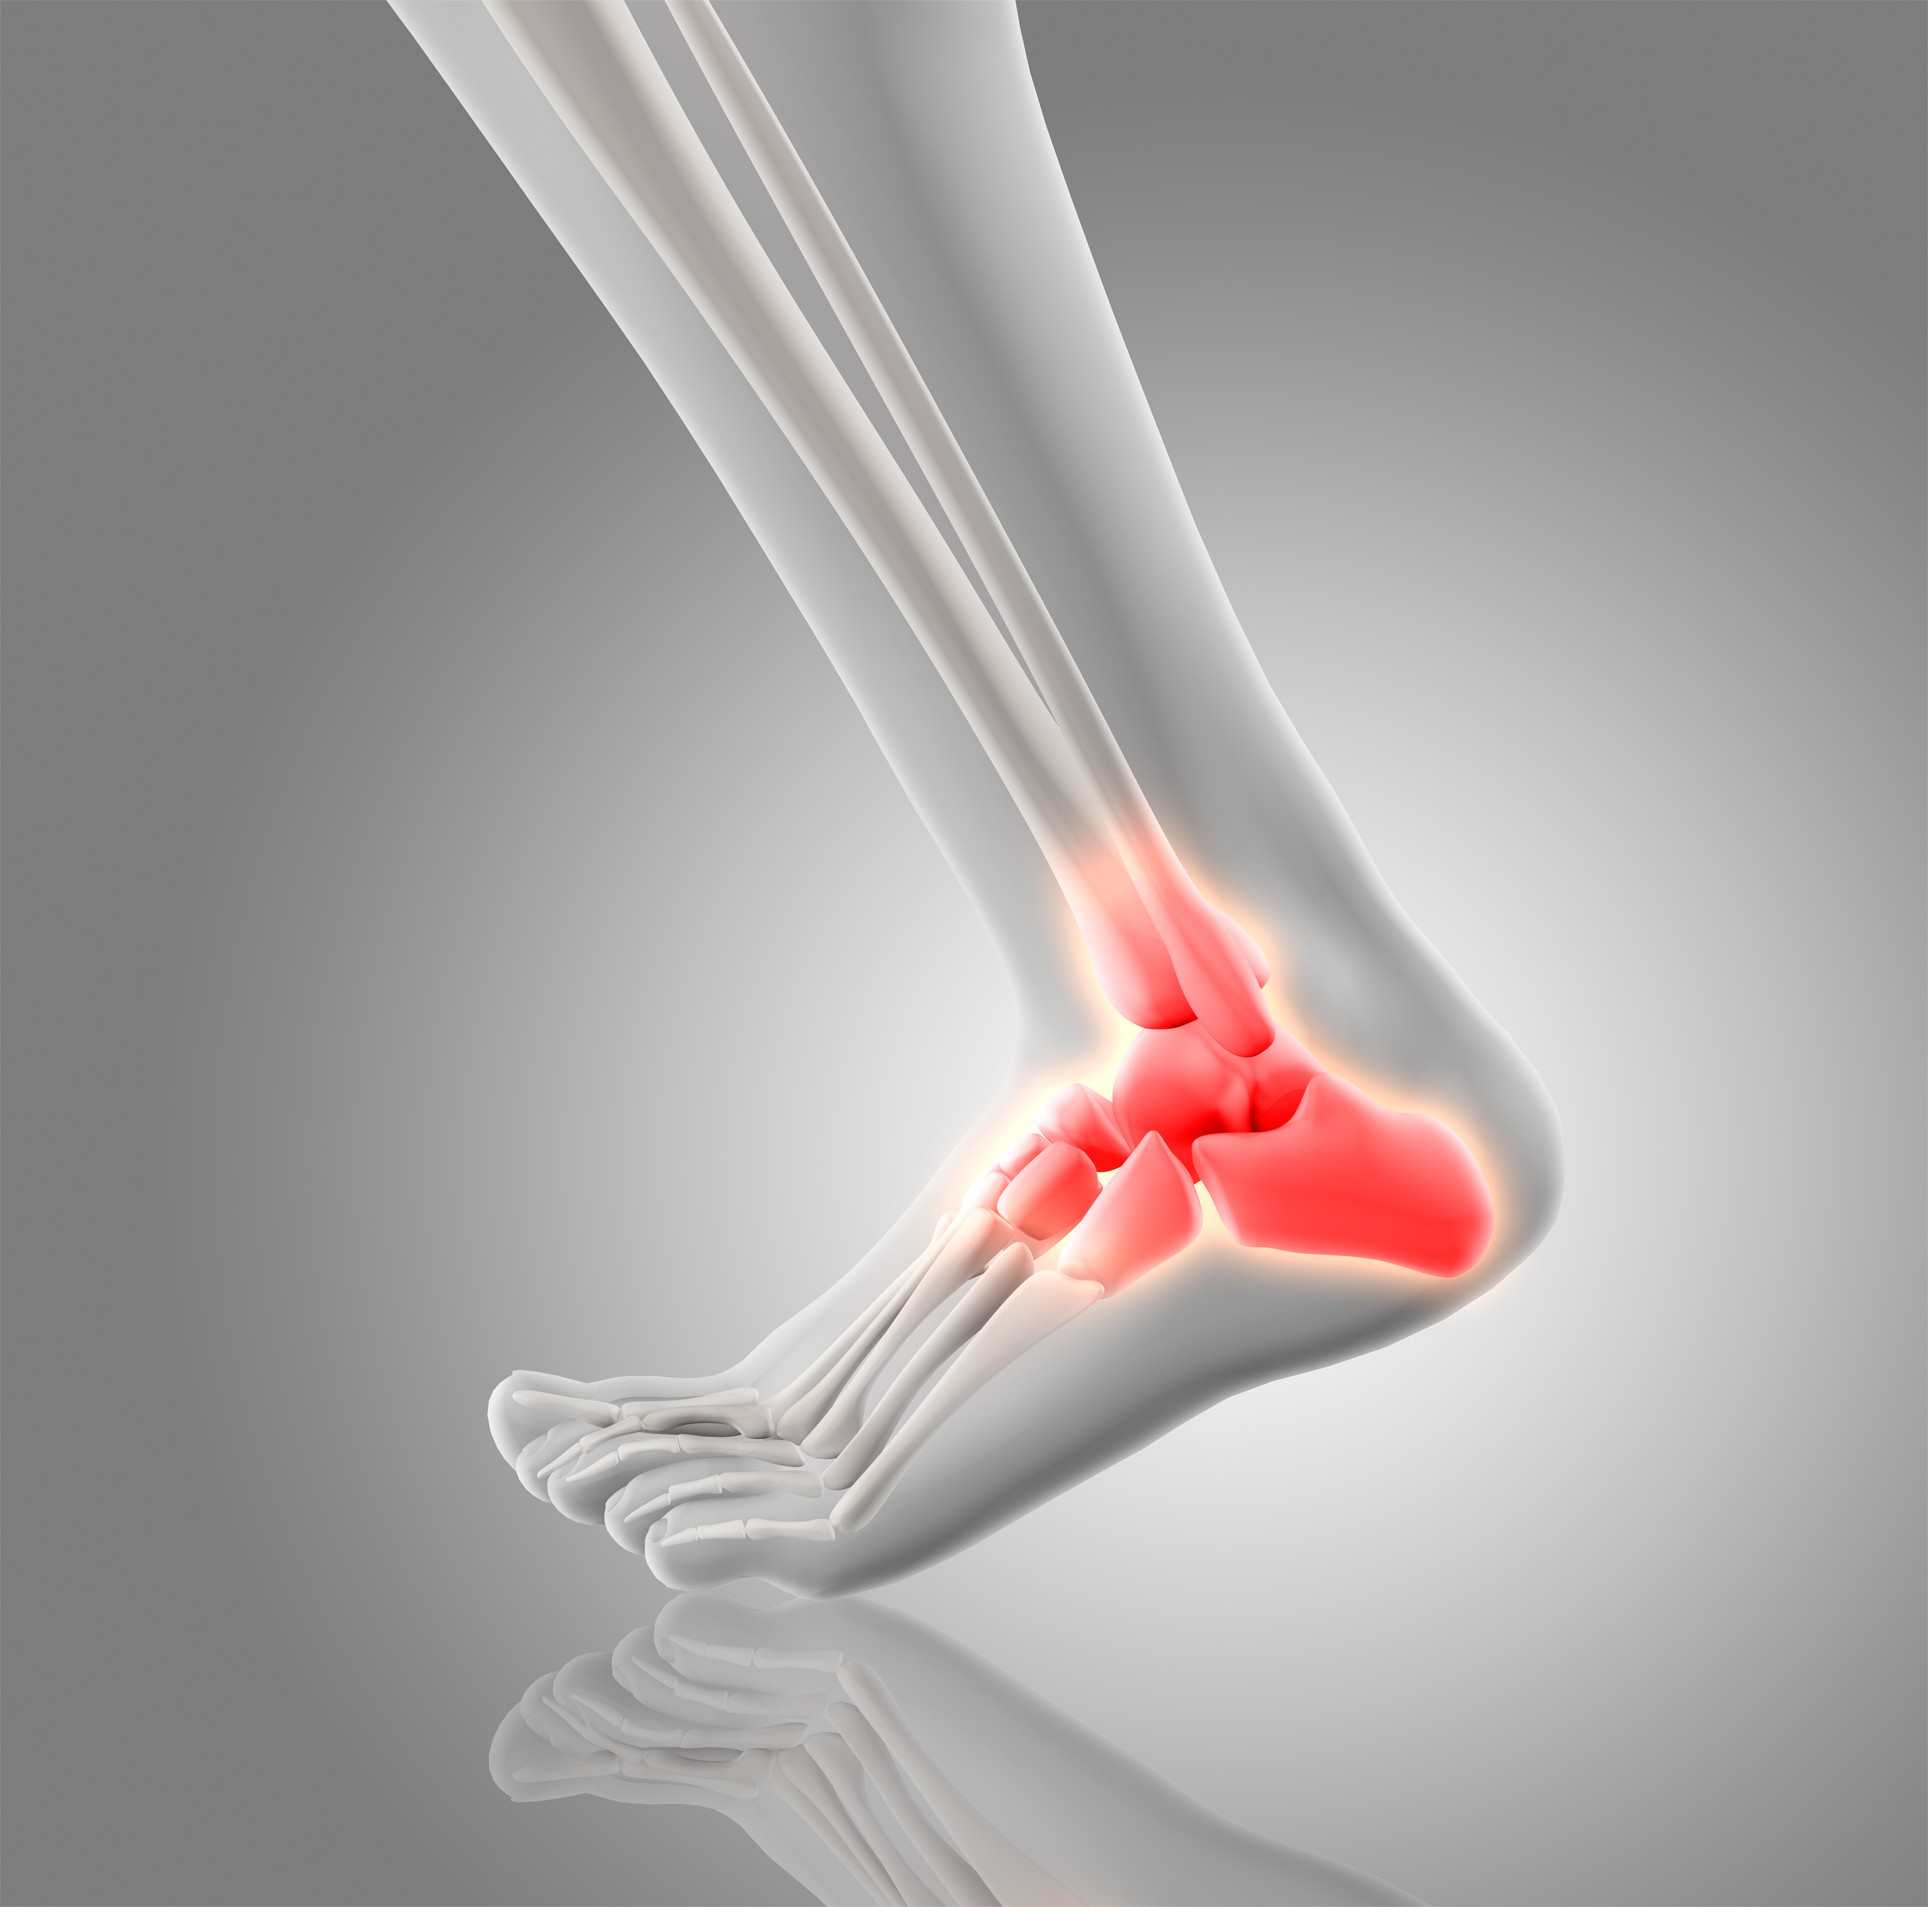 PIEDE E CAVIGLIA Dottor Attilio Basile Specializzato nell'Ortopedia del piede e della caviglia reperibile al San Camillo Forlanini di Roma e presso la Clinica Pio XI di Roma